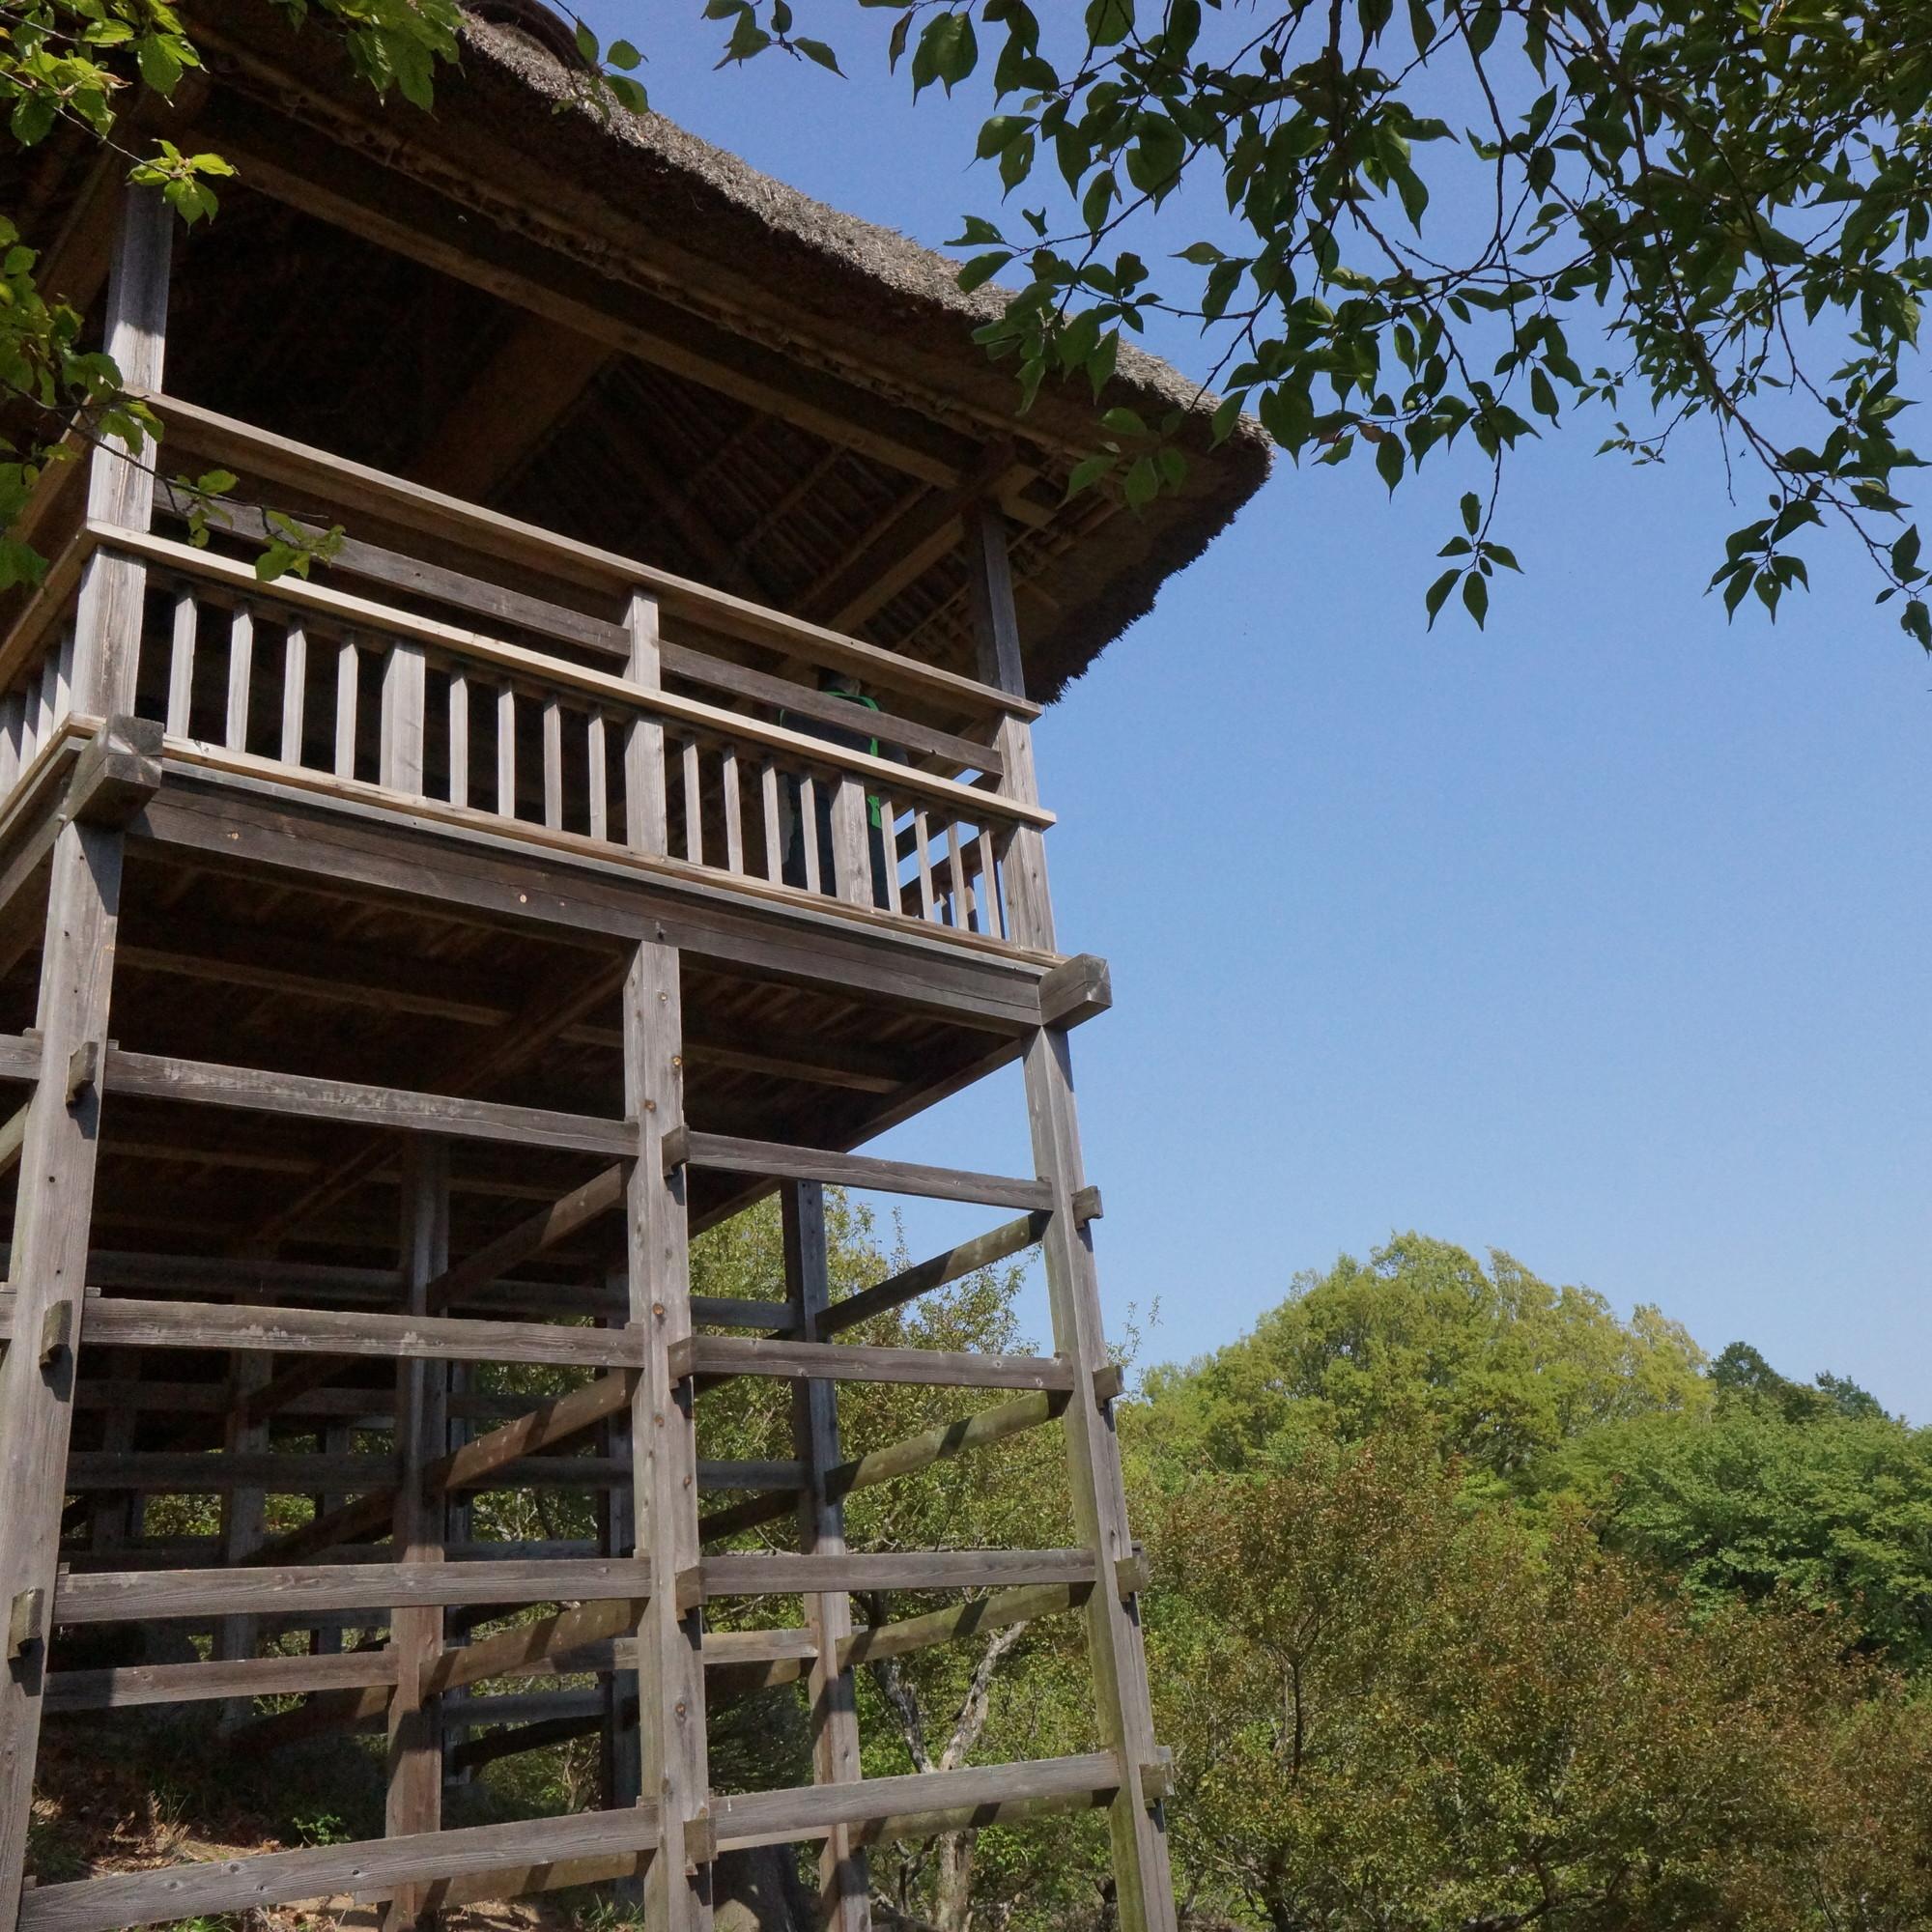 梅林にある見晴らし台、ここにもナイス建築が